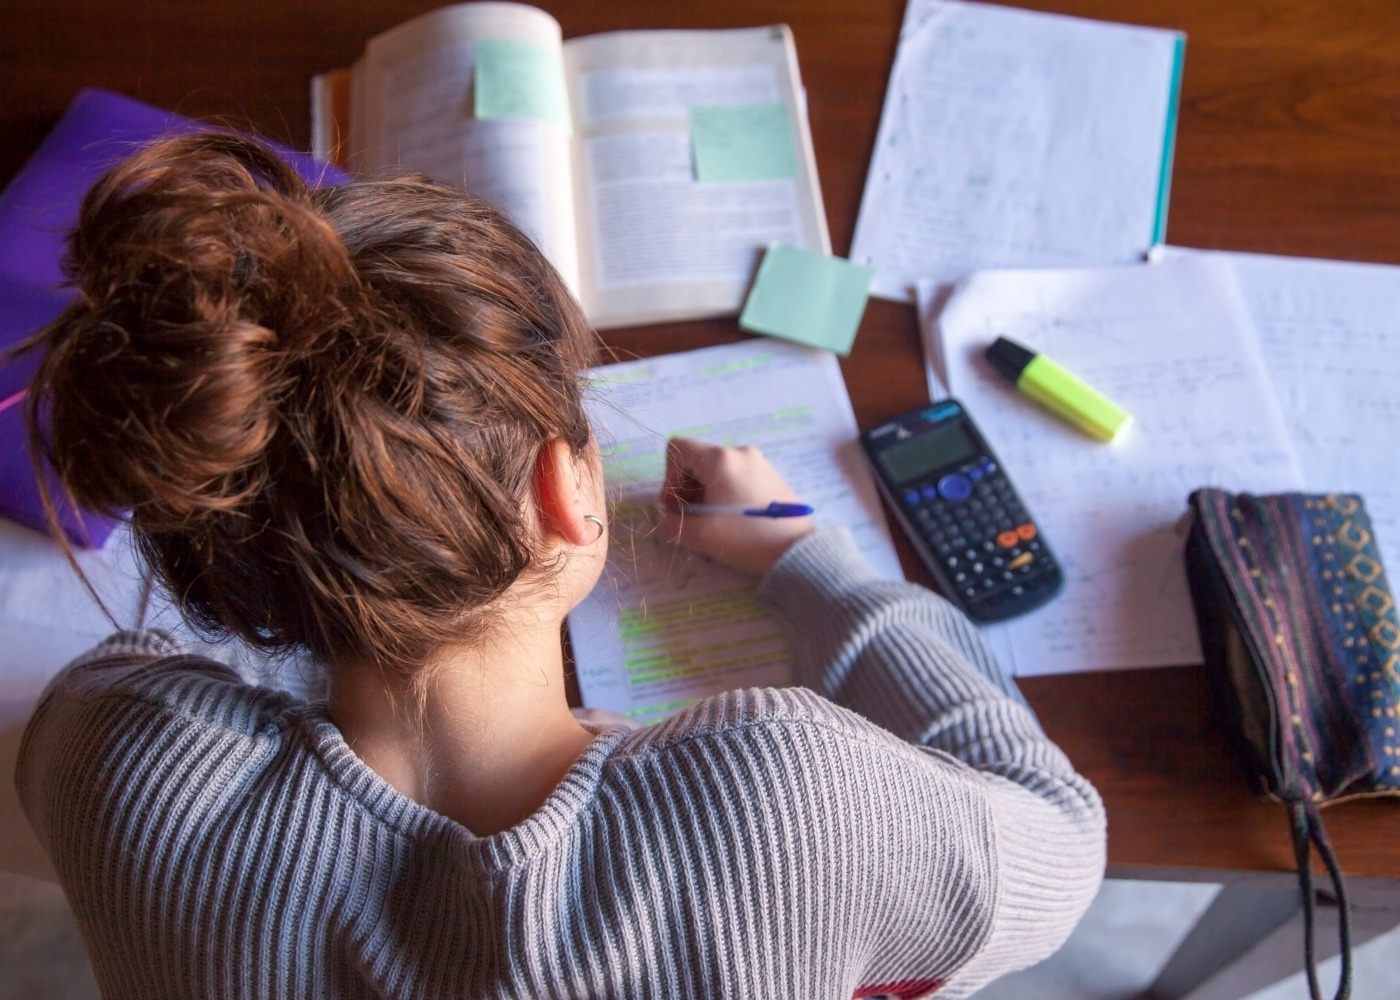 vista de cima de uma jovem a estudar com livros, calculadora e outros materiais vários